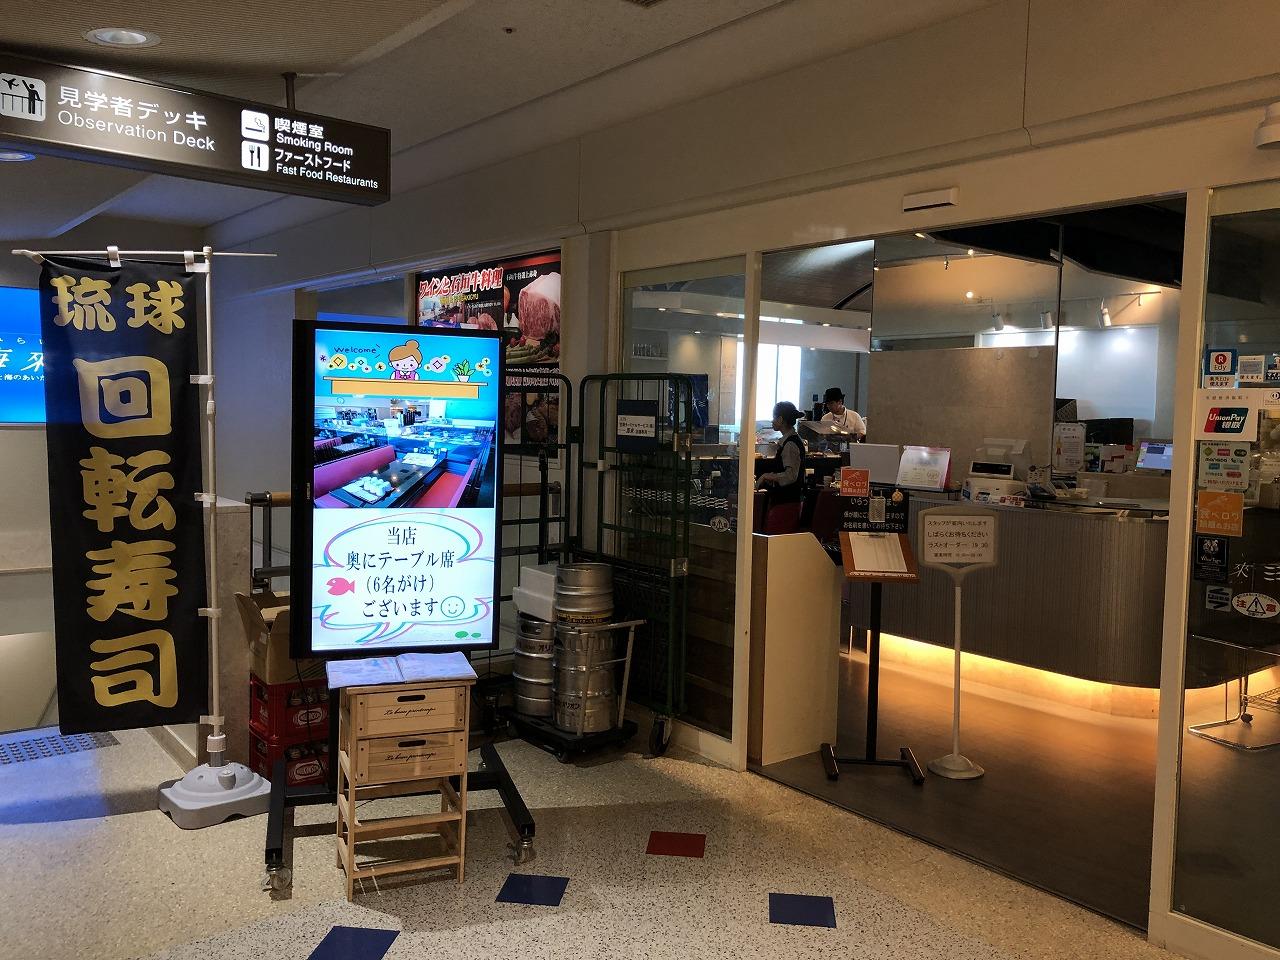 那覇空港の回転寿司の入り口